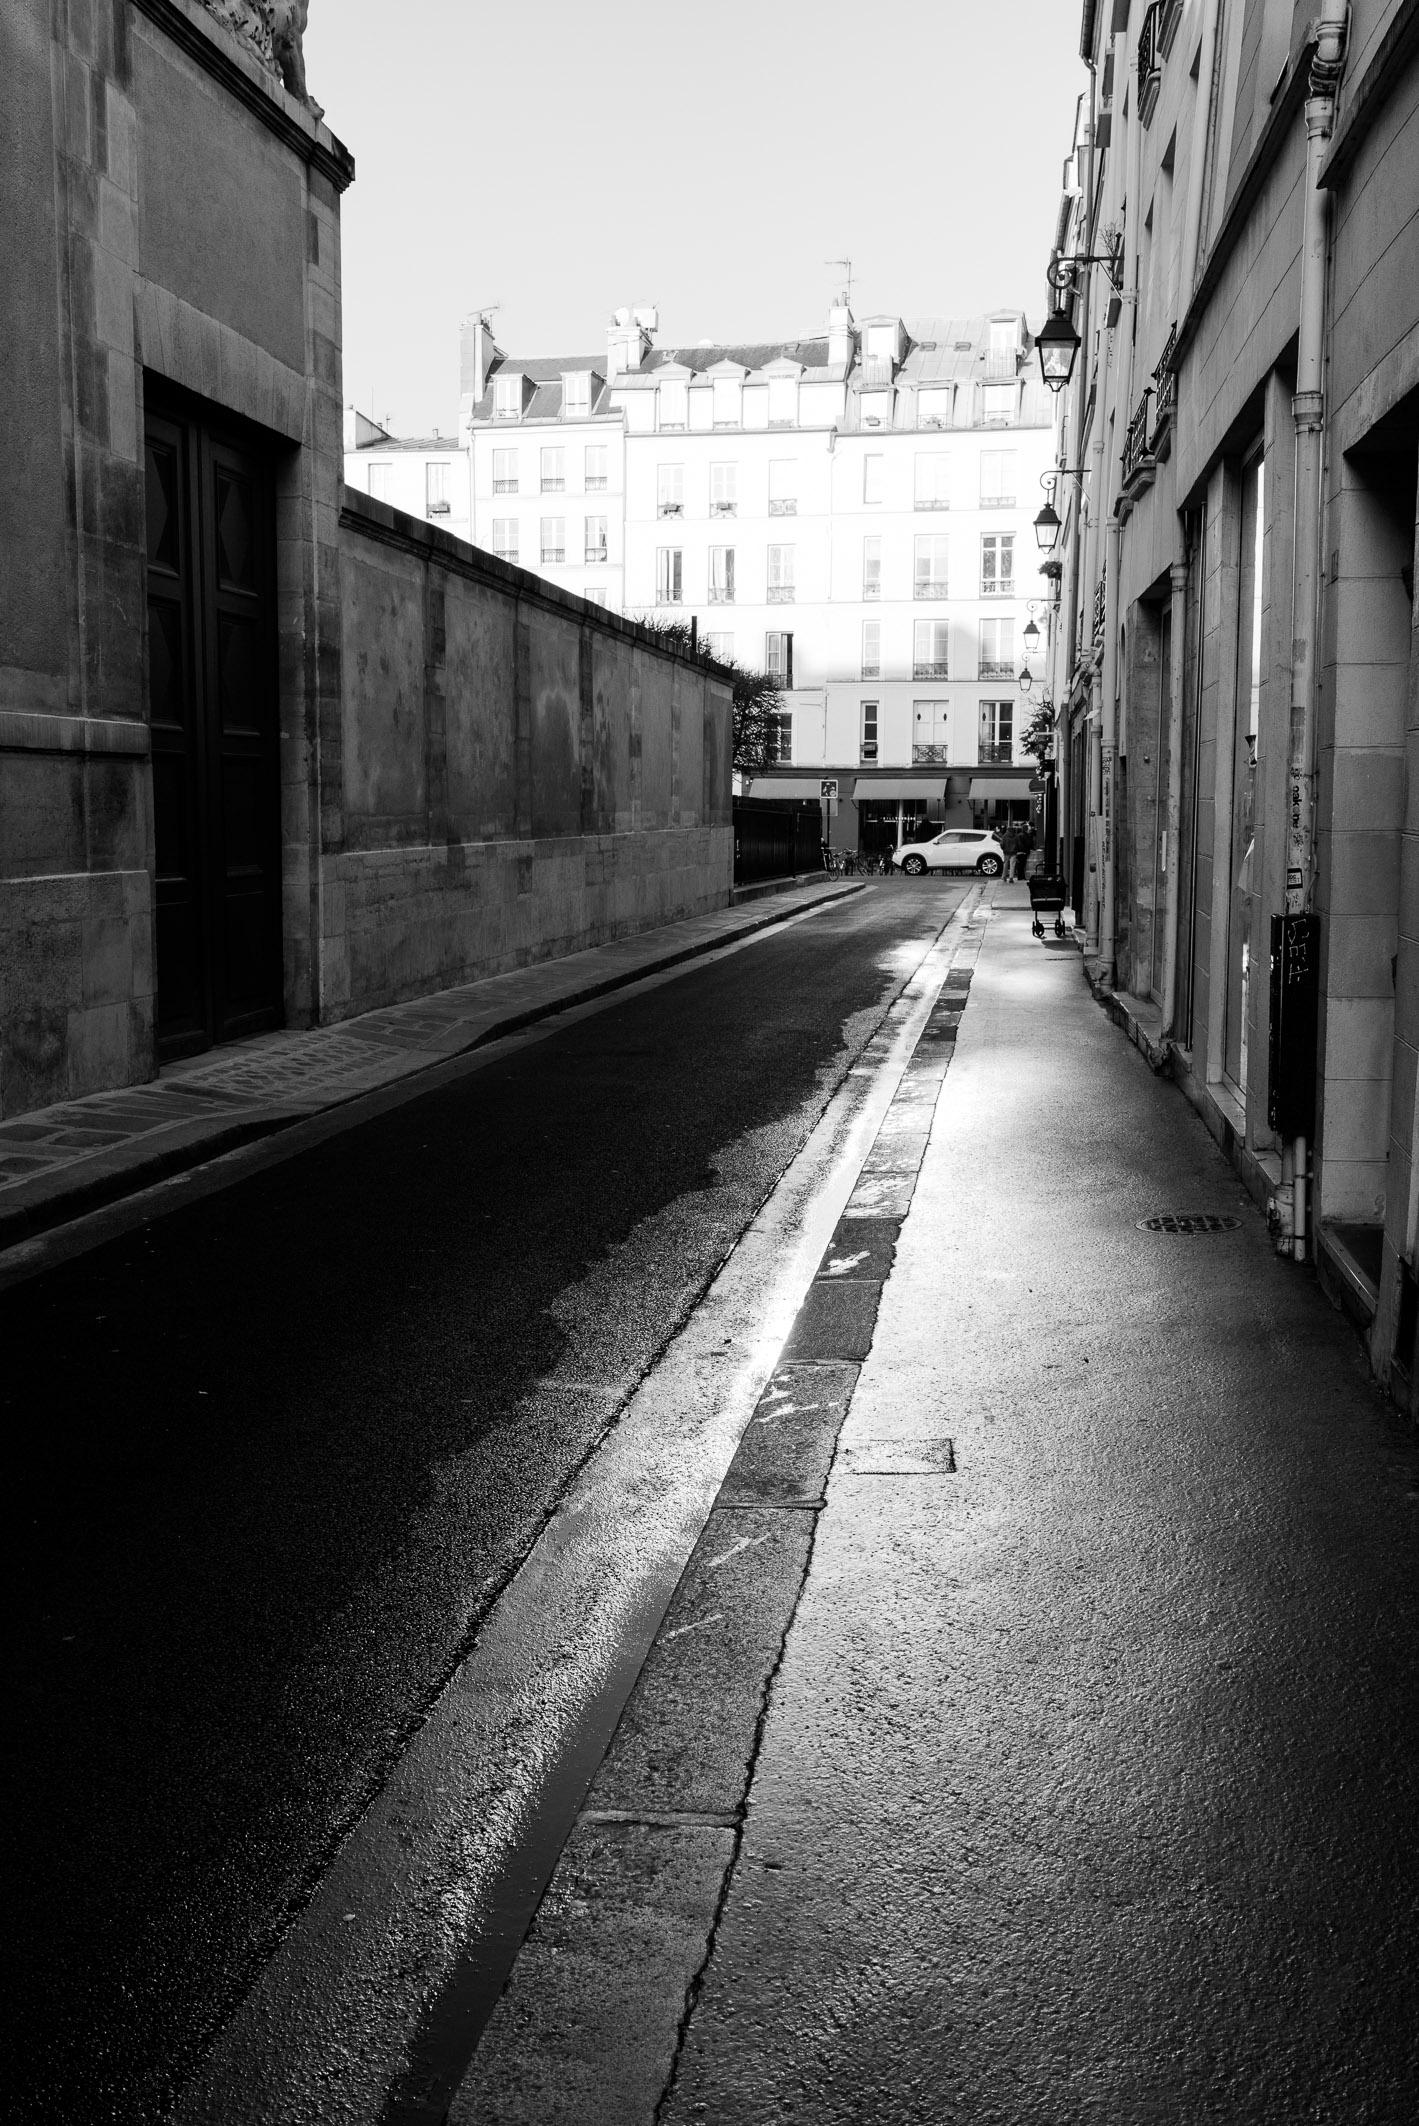 erwt paris-37.jpg